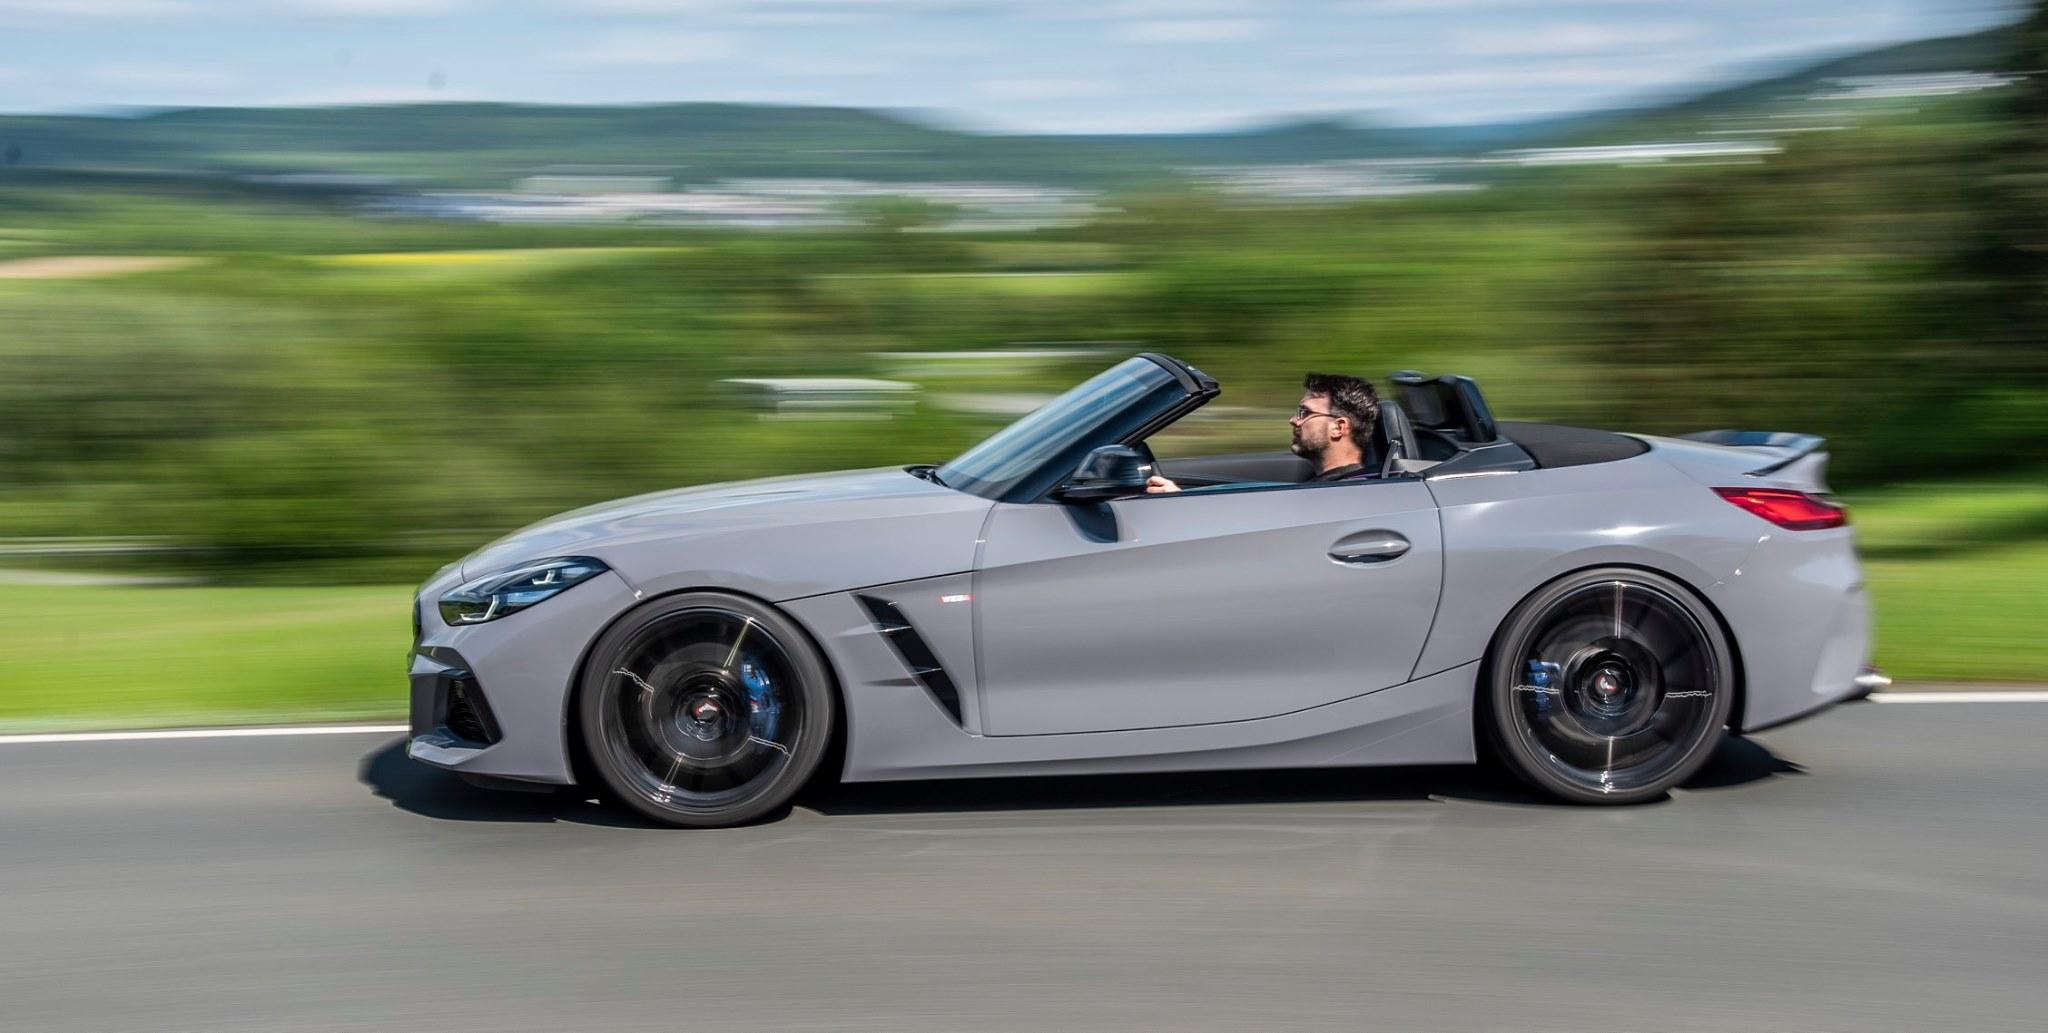 BMW-Z4-by-Lightweight-Performance-6